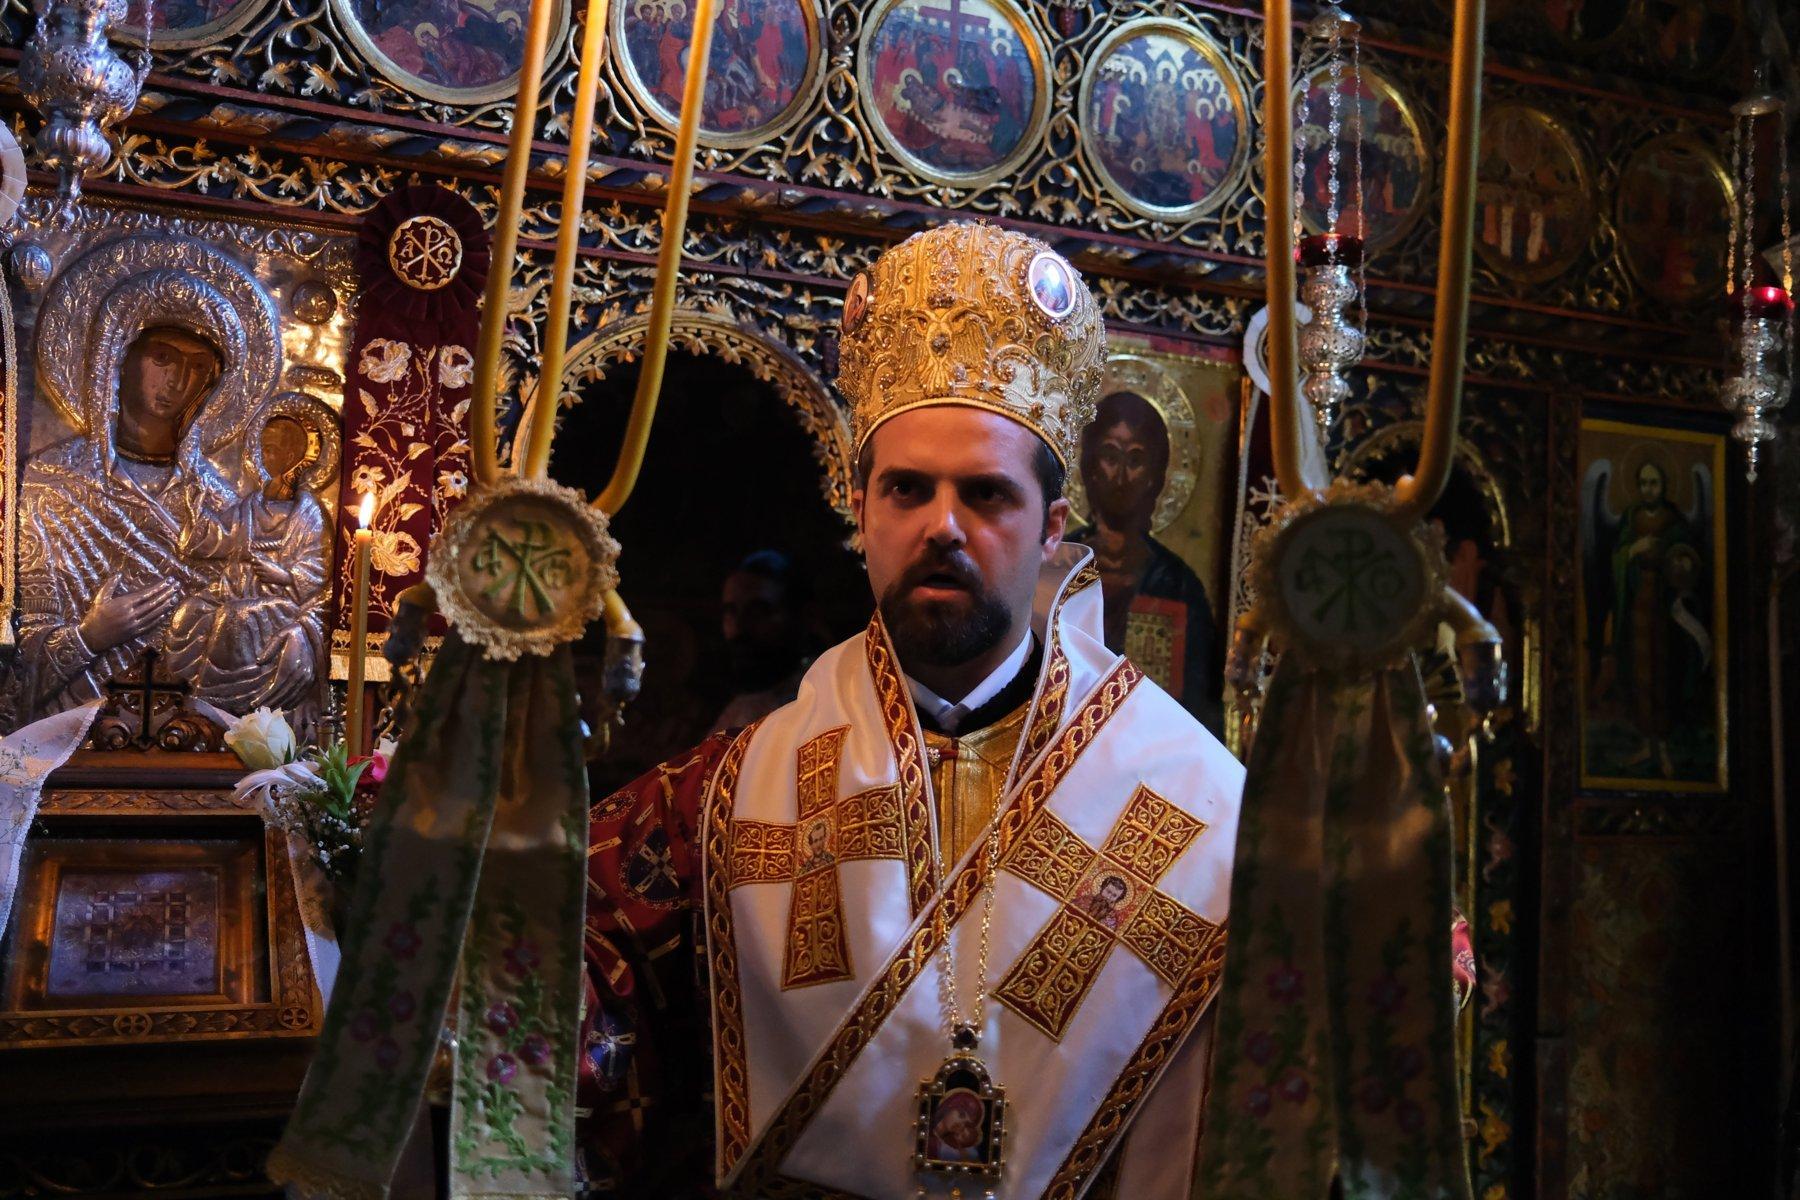 DSCF7817  - Ο Επίσκοπος Μελιτηνής στην Ι. Μονή Παναγίας Πελεκητής